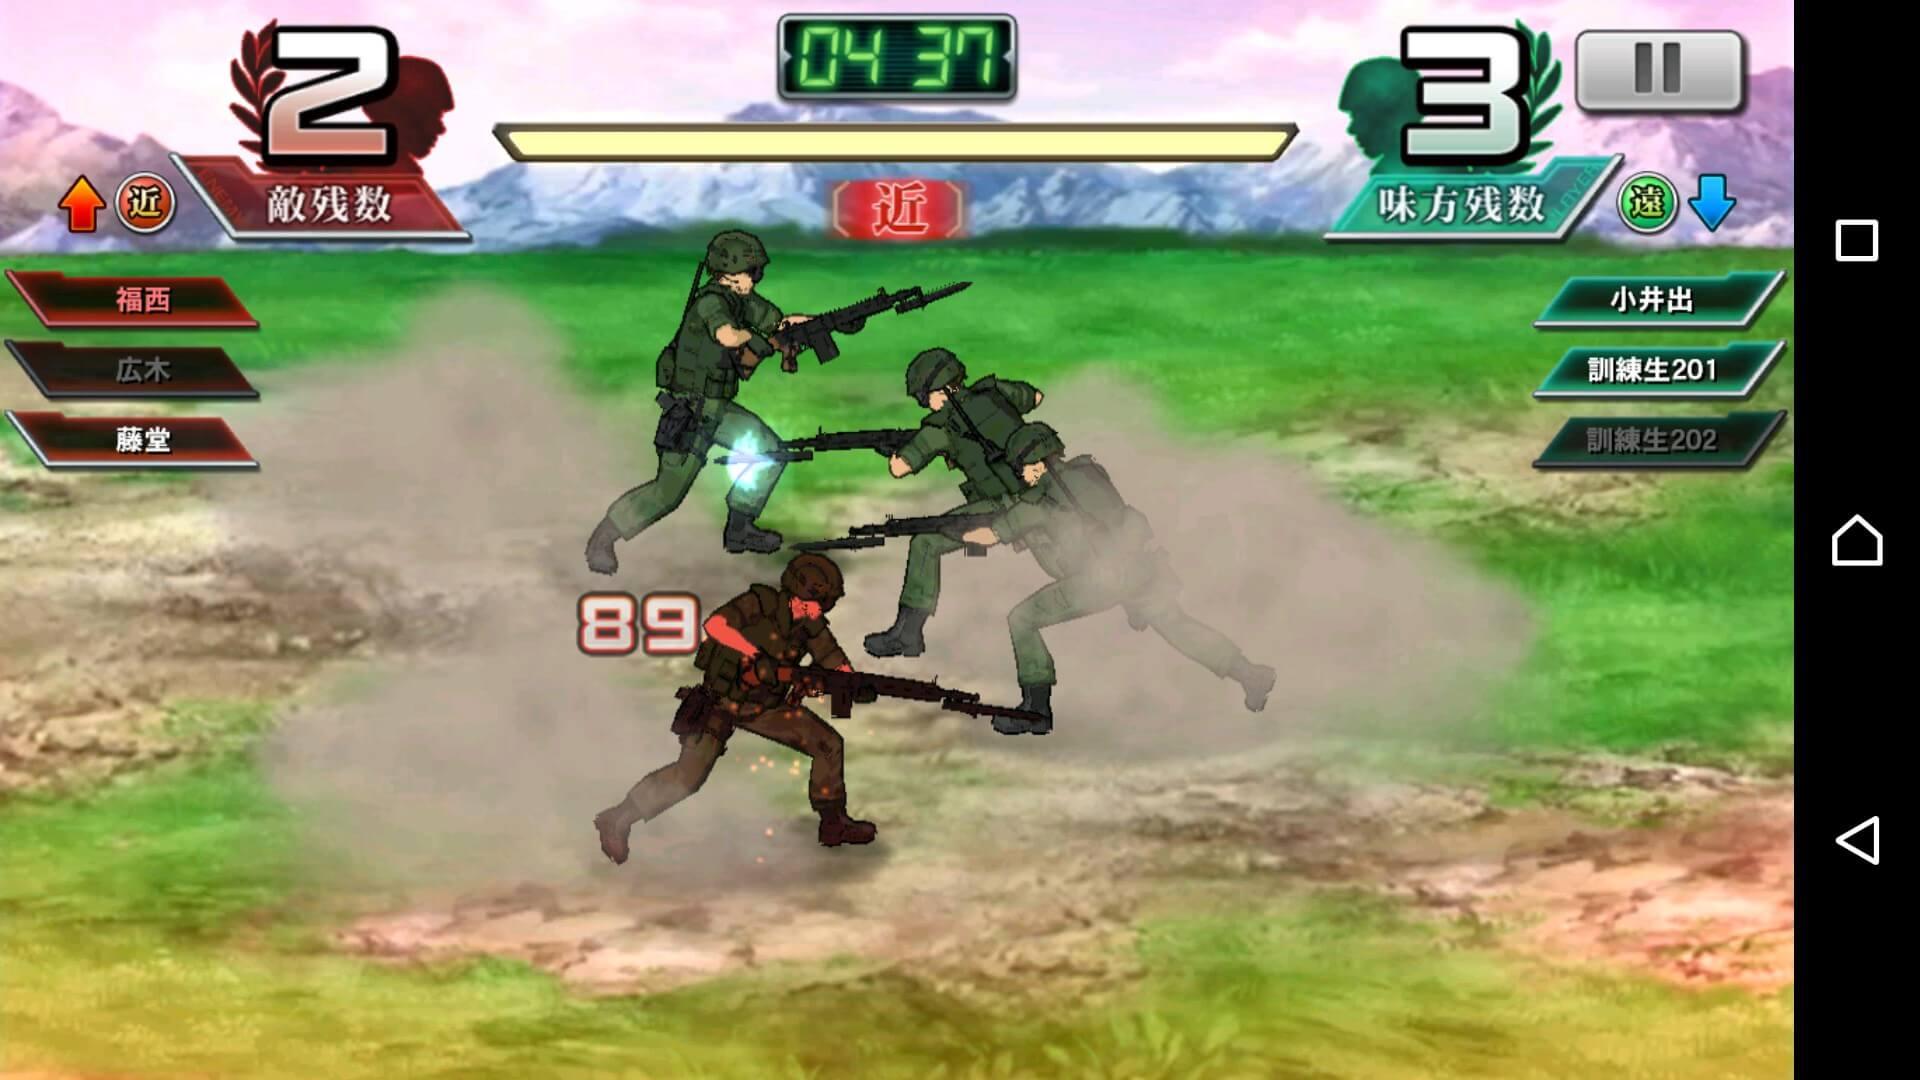 防衛戦で自衛隊が死闘を繰り広げています。